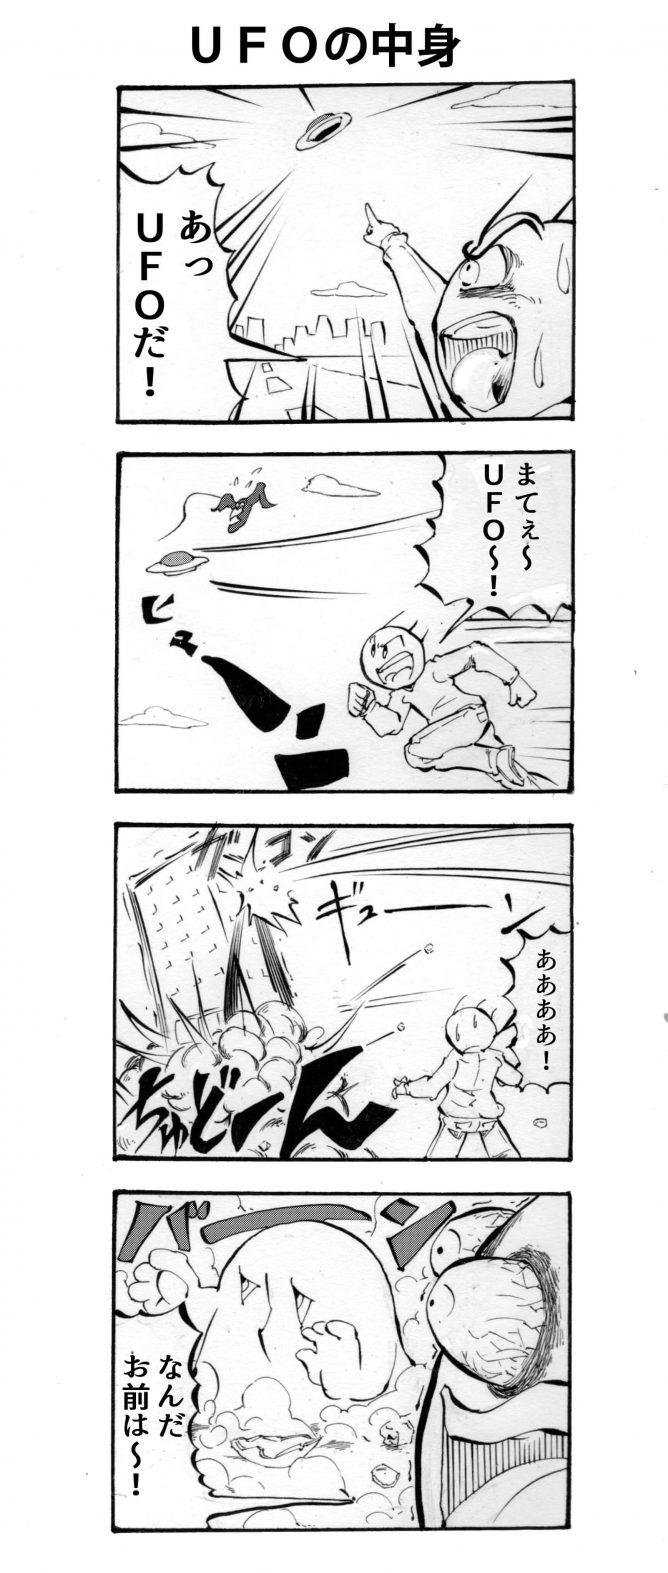 UFO,四コマ漫画